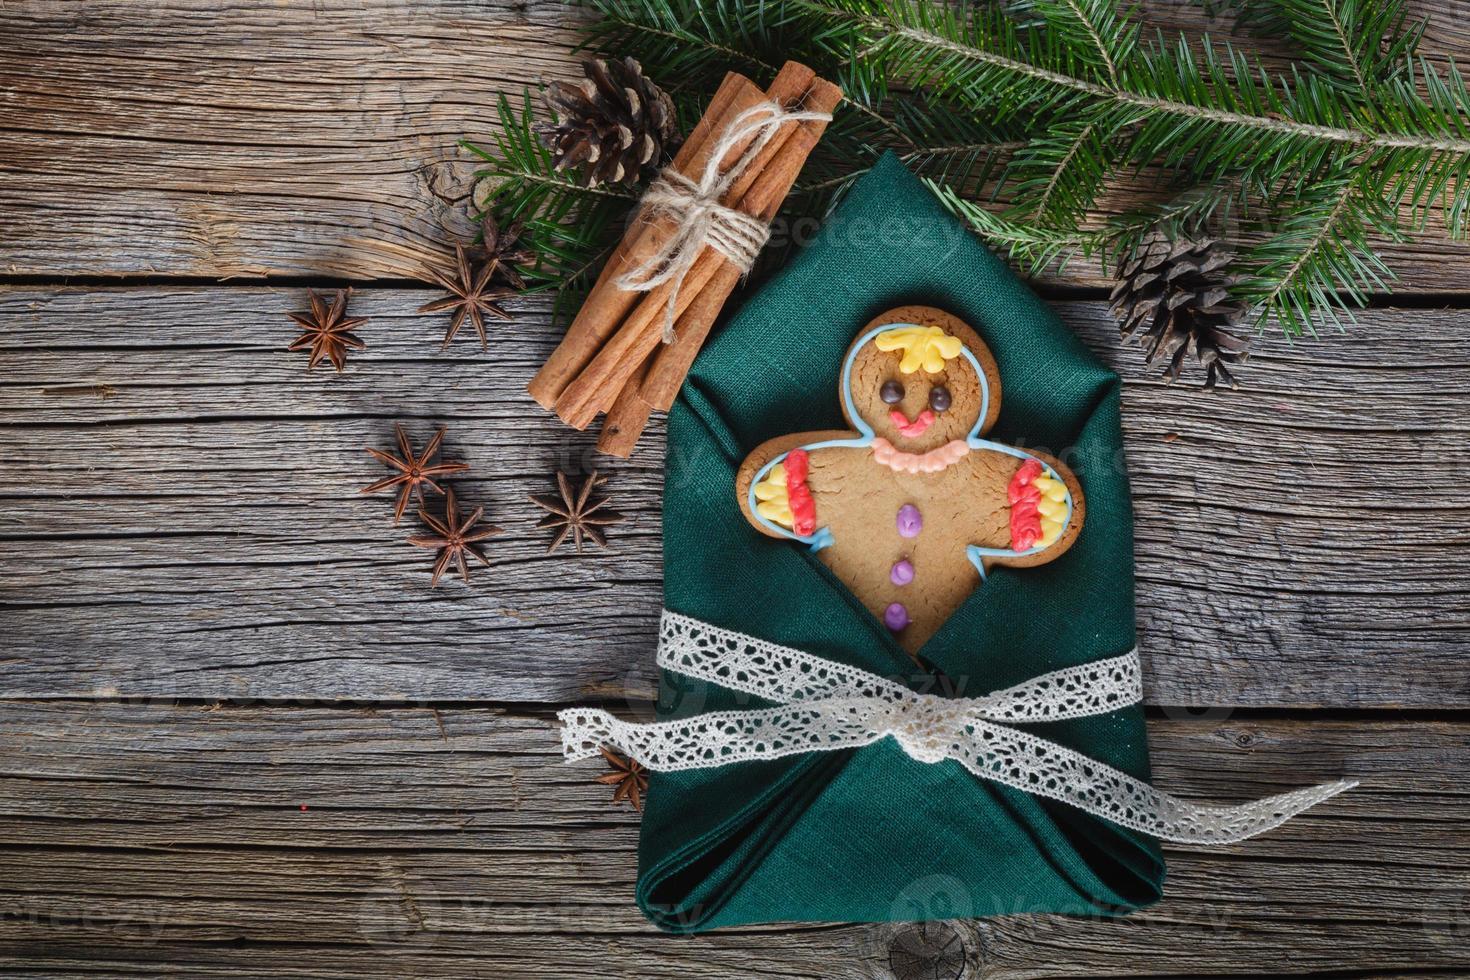 bonhomme en pain d'épice sur les épices de Noël, cannelle, anis photo